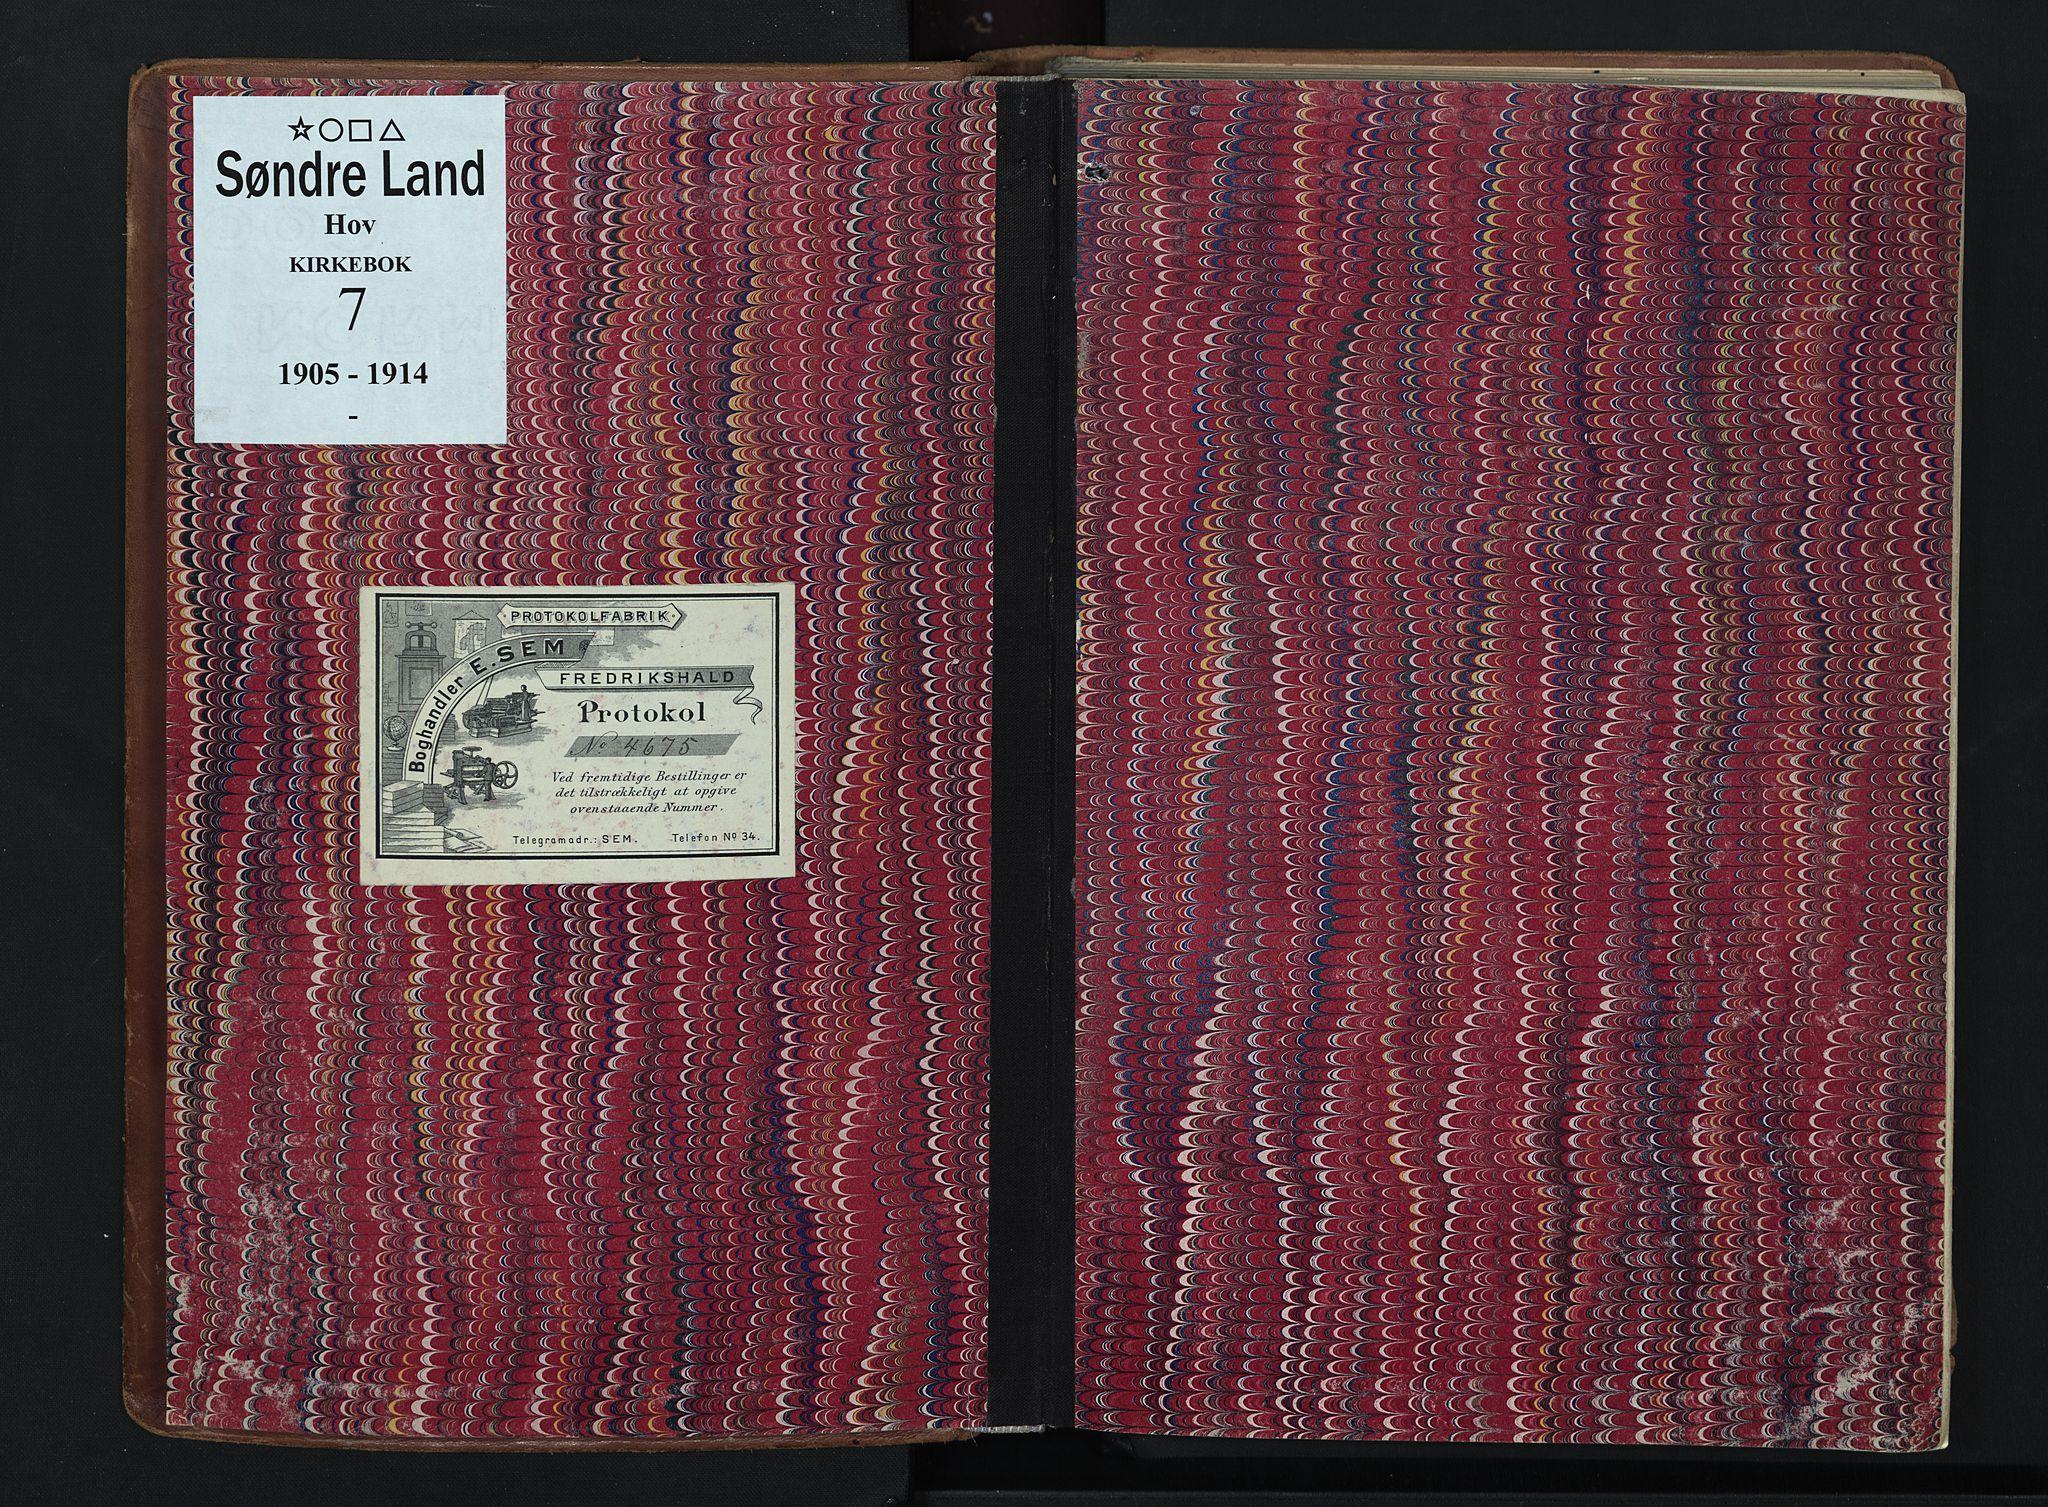 SAH, Søndre Land prestekontor, K/L0007: Ministerialbok nr. 7, 1905-1914